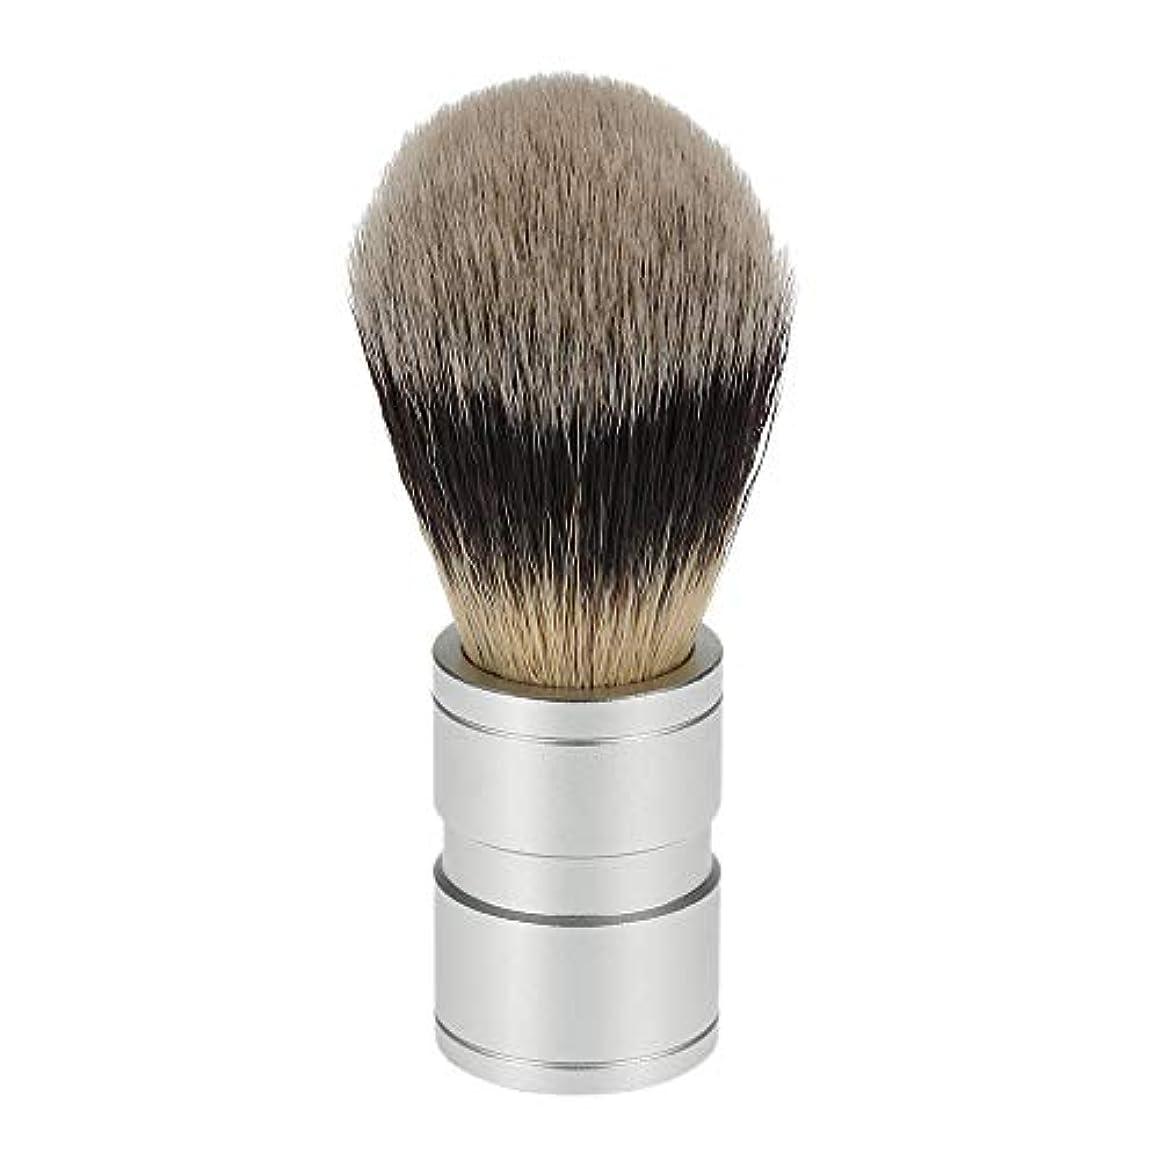 反対した呼び起こす数RETYLY 1ピース 男性のヘアシェービングブラシ ステンレス金属ハンドル ソフト合成ナイロンヘア理髪ブラシ 快適な ひげ剃りツール